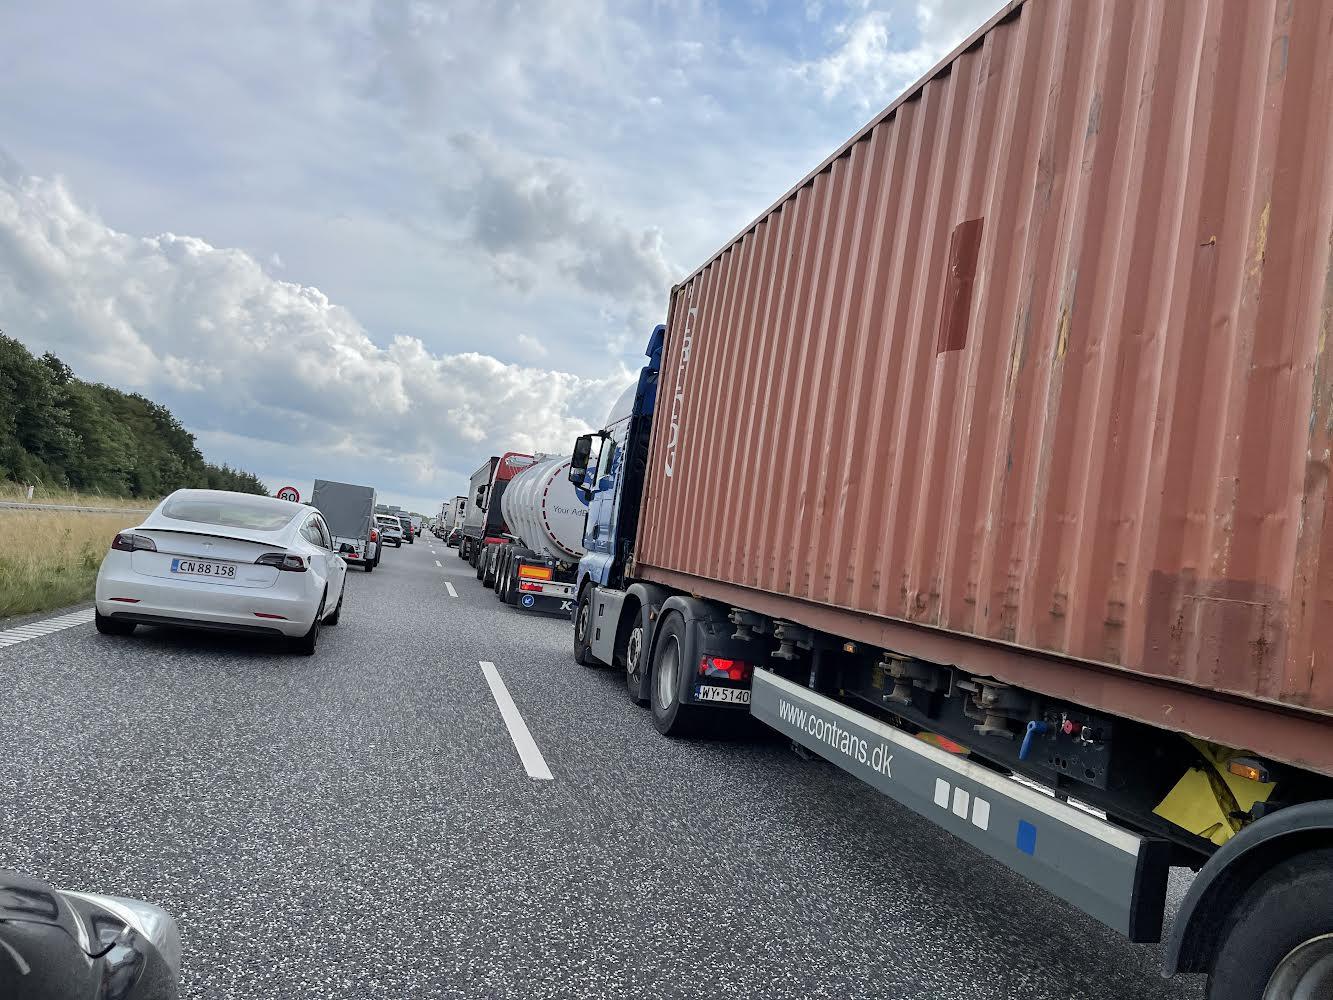 Kontrol af køretøjer - skaber kø på motorvej